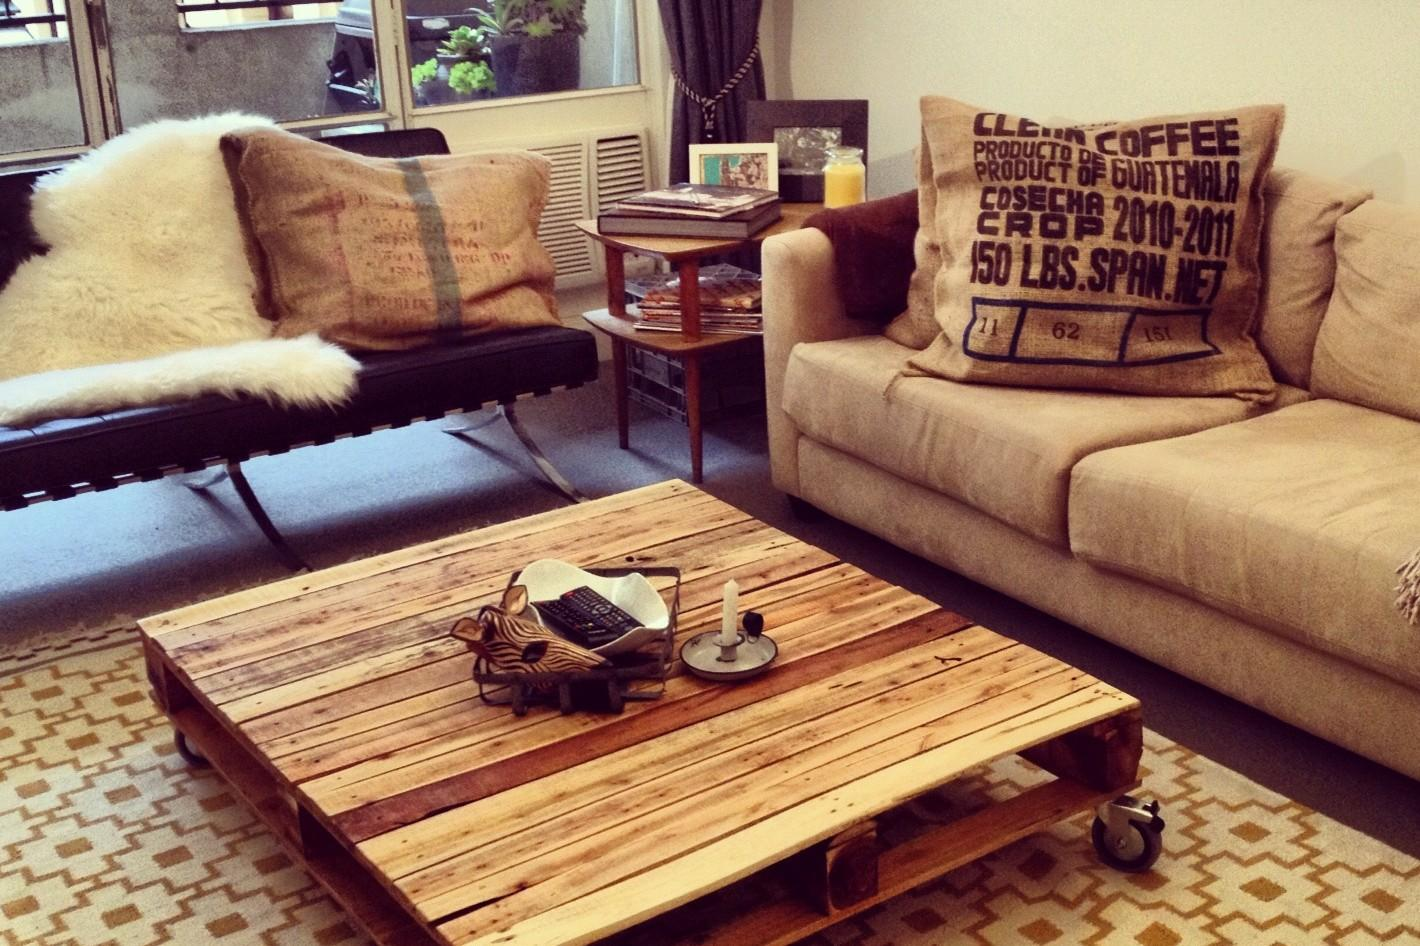 Recuperare mobili vecchi idee di riciclo creativo le for Oggetti fai da te per arredare casa